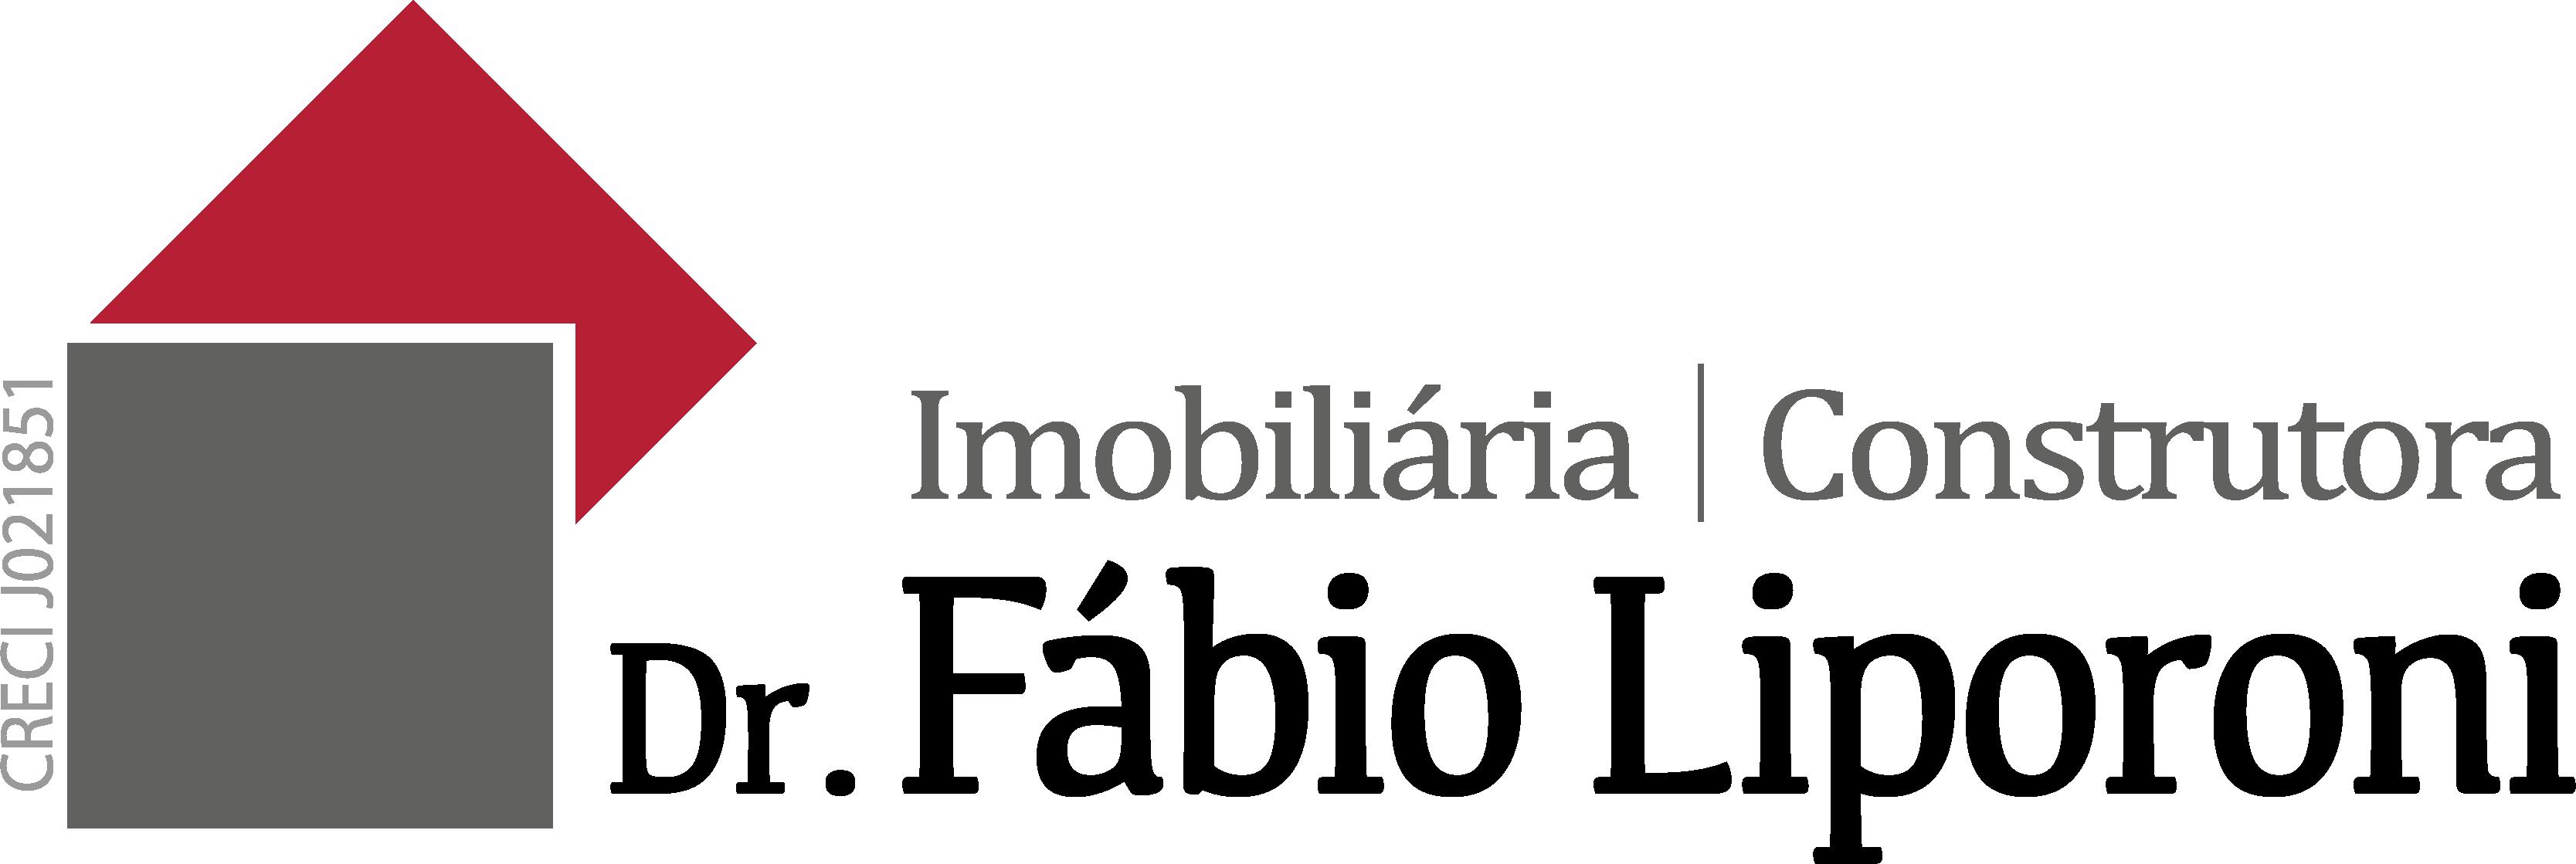 Imob. e Construtora Dr. Fábio Liporoni